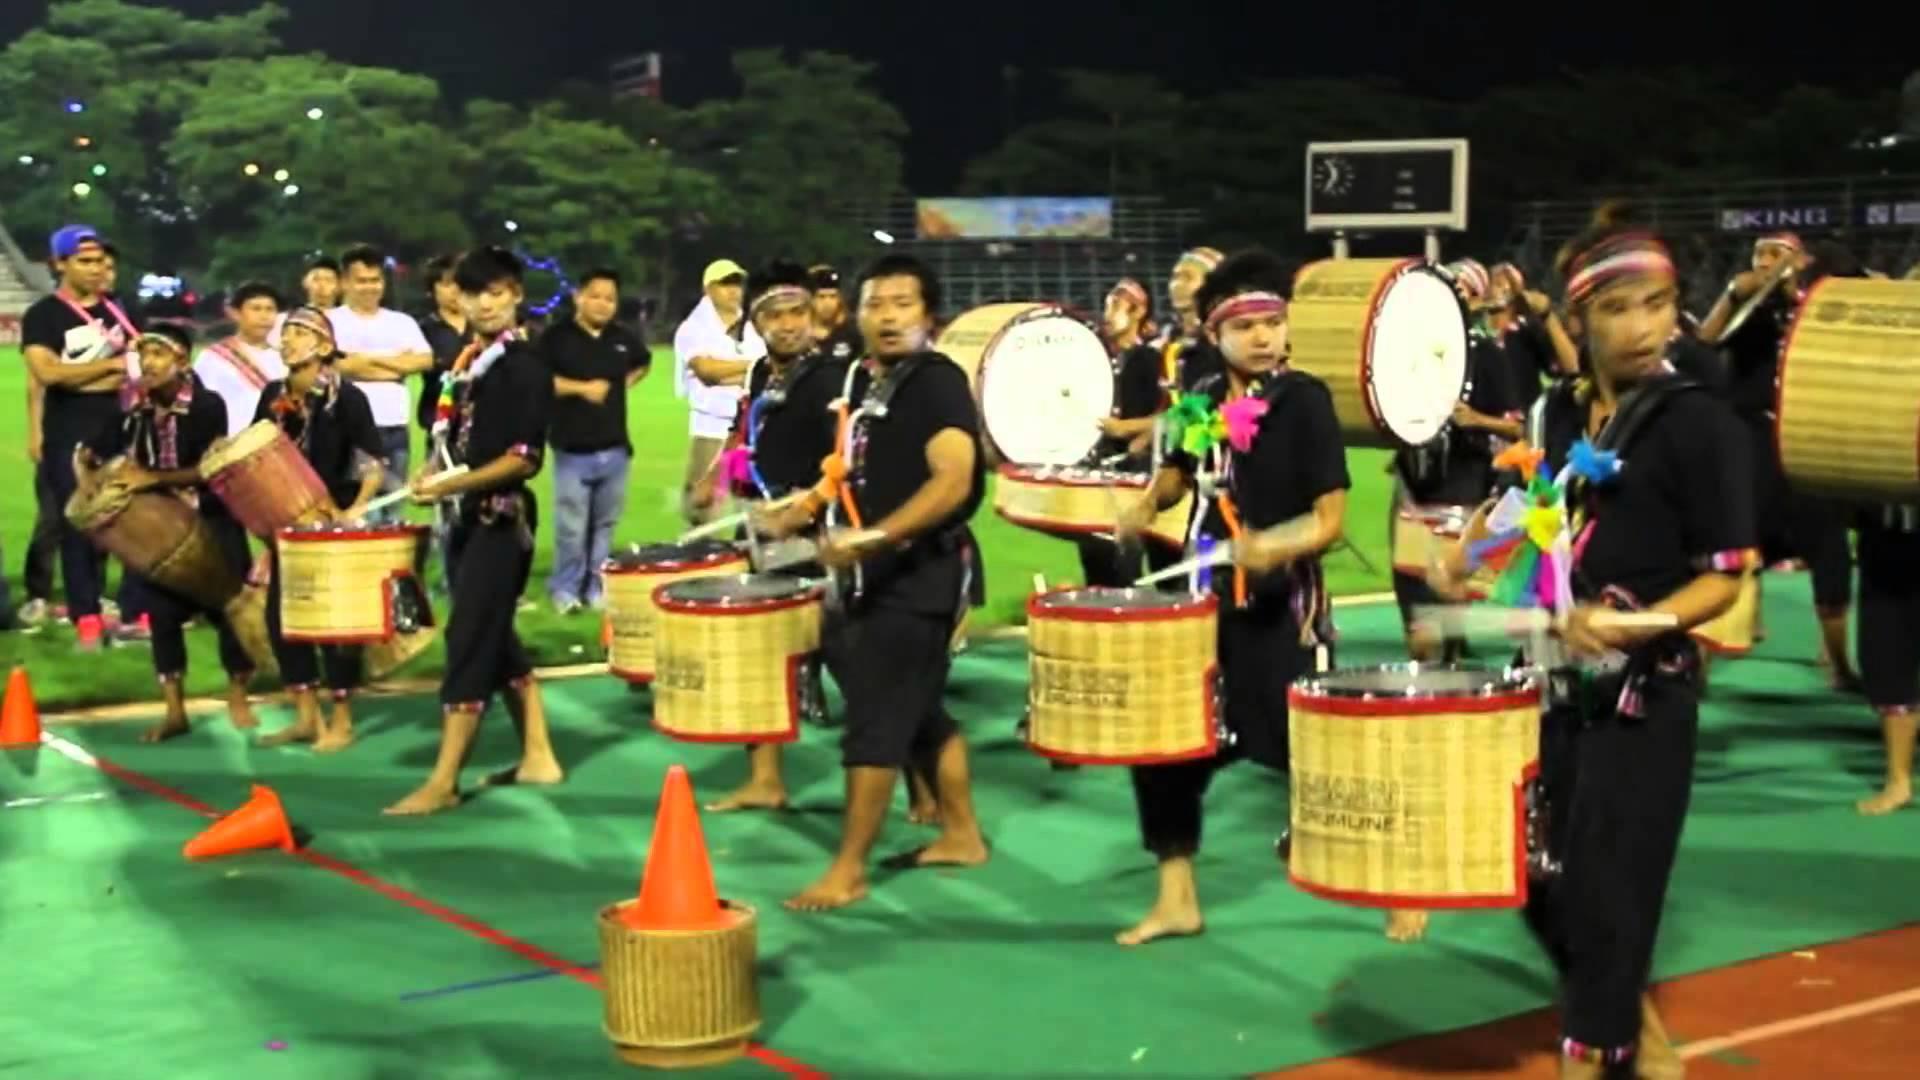 E-Sarn Drumline from Thailand